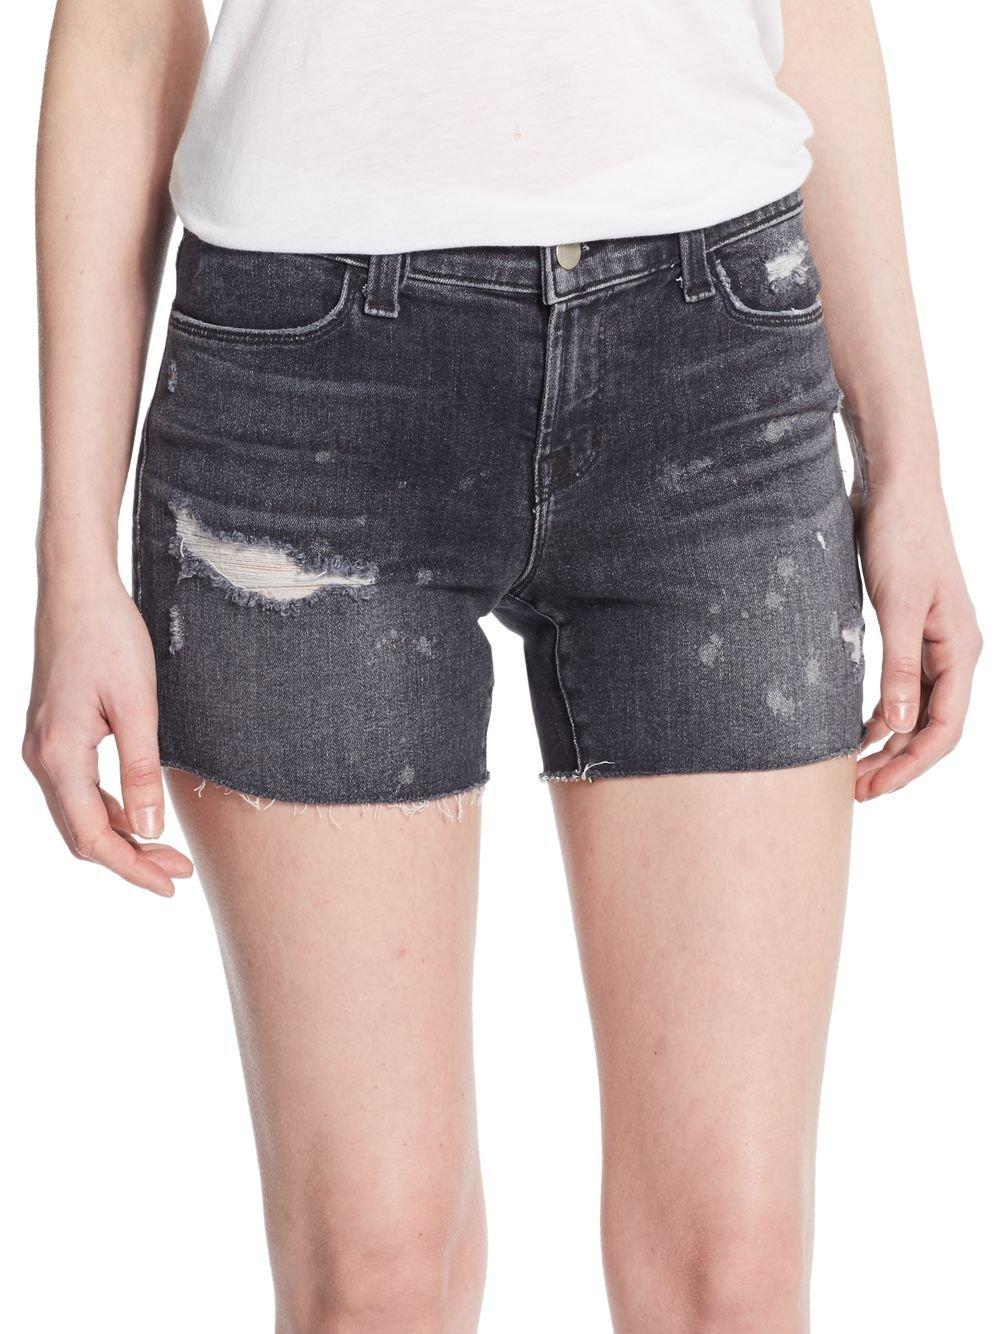 J brand Mia Mid-rise Distressed Denim Shorts in Black   Lyst